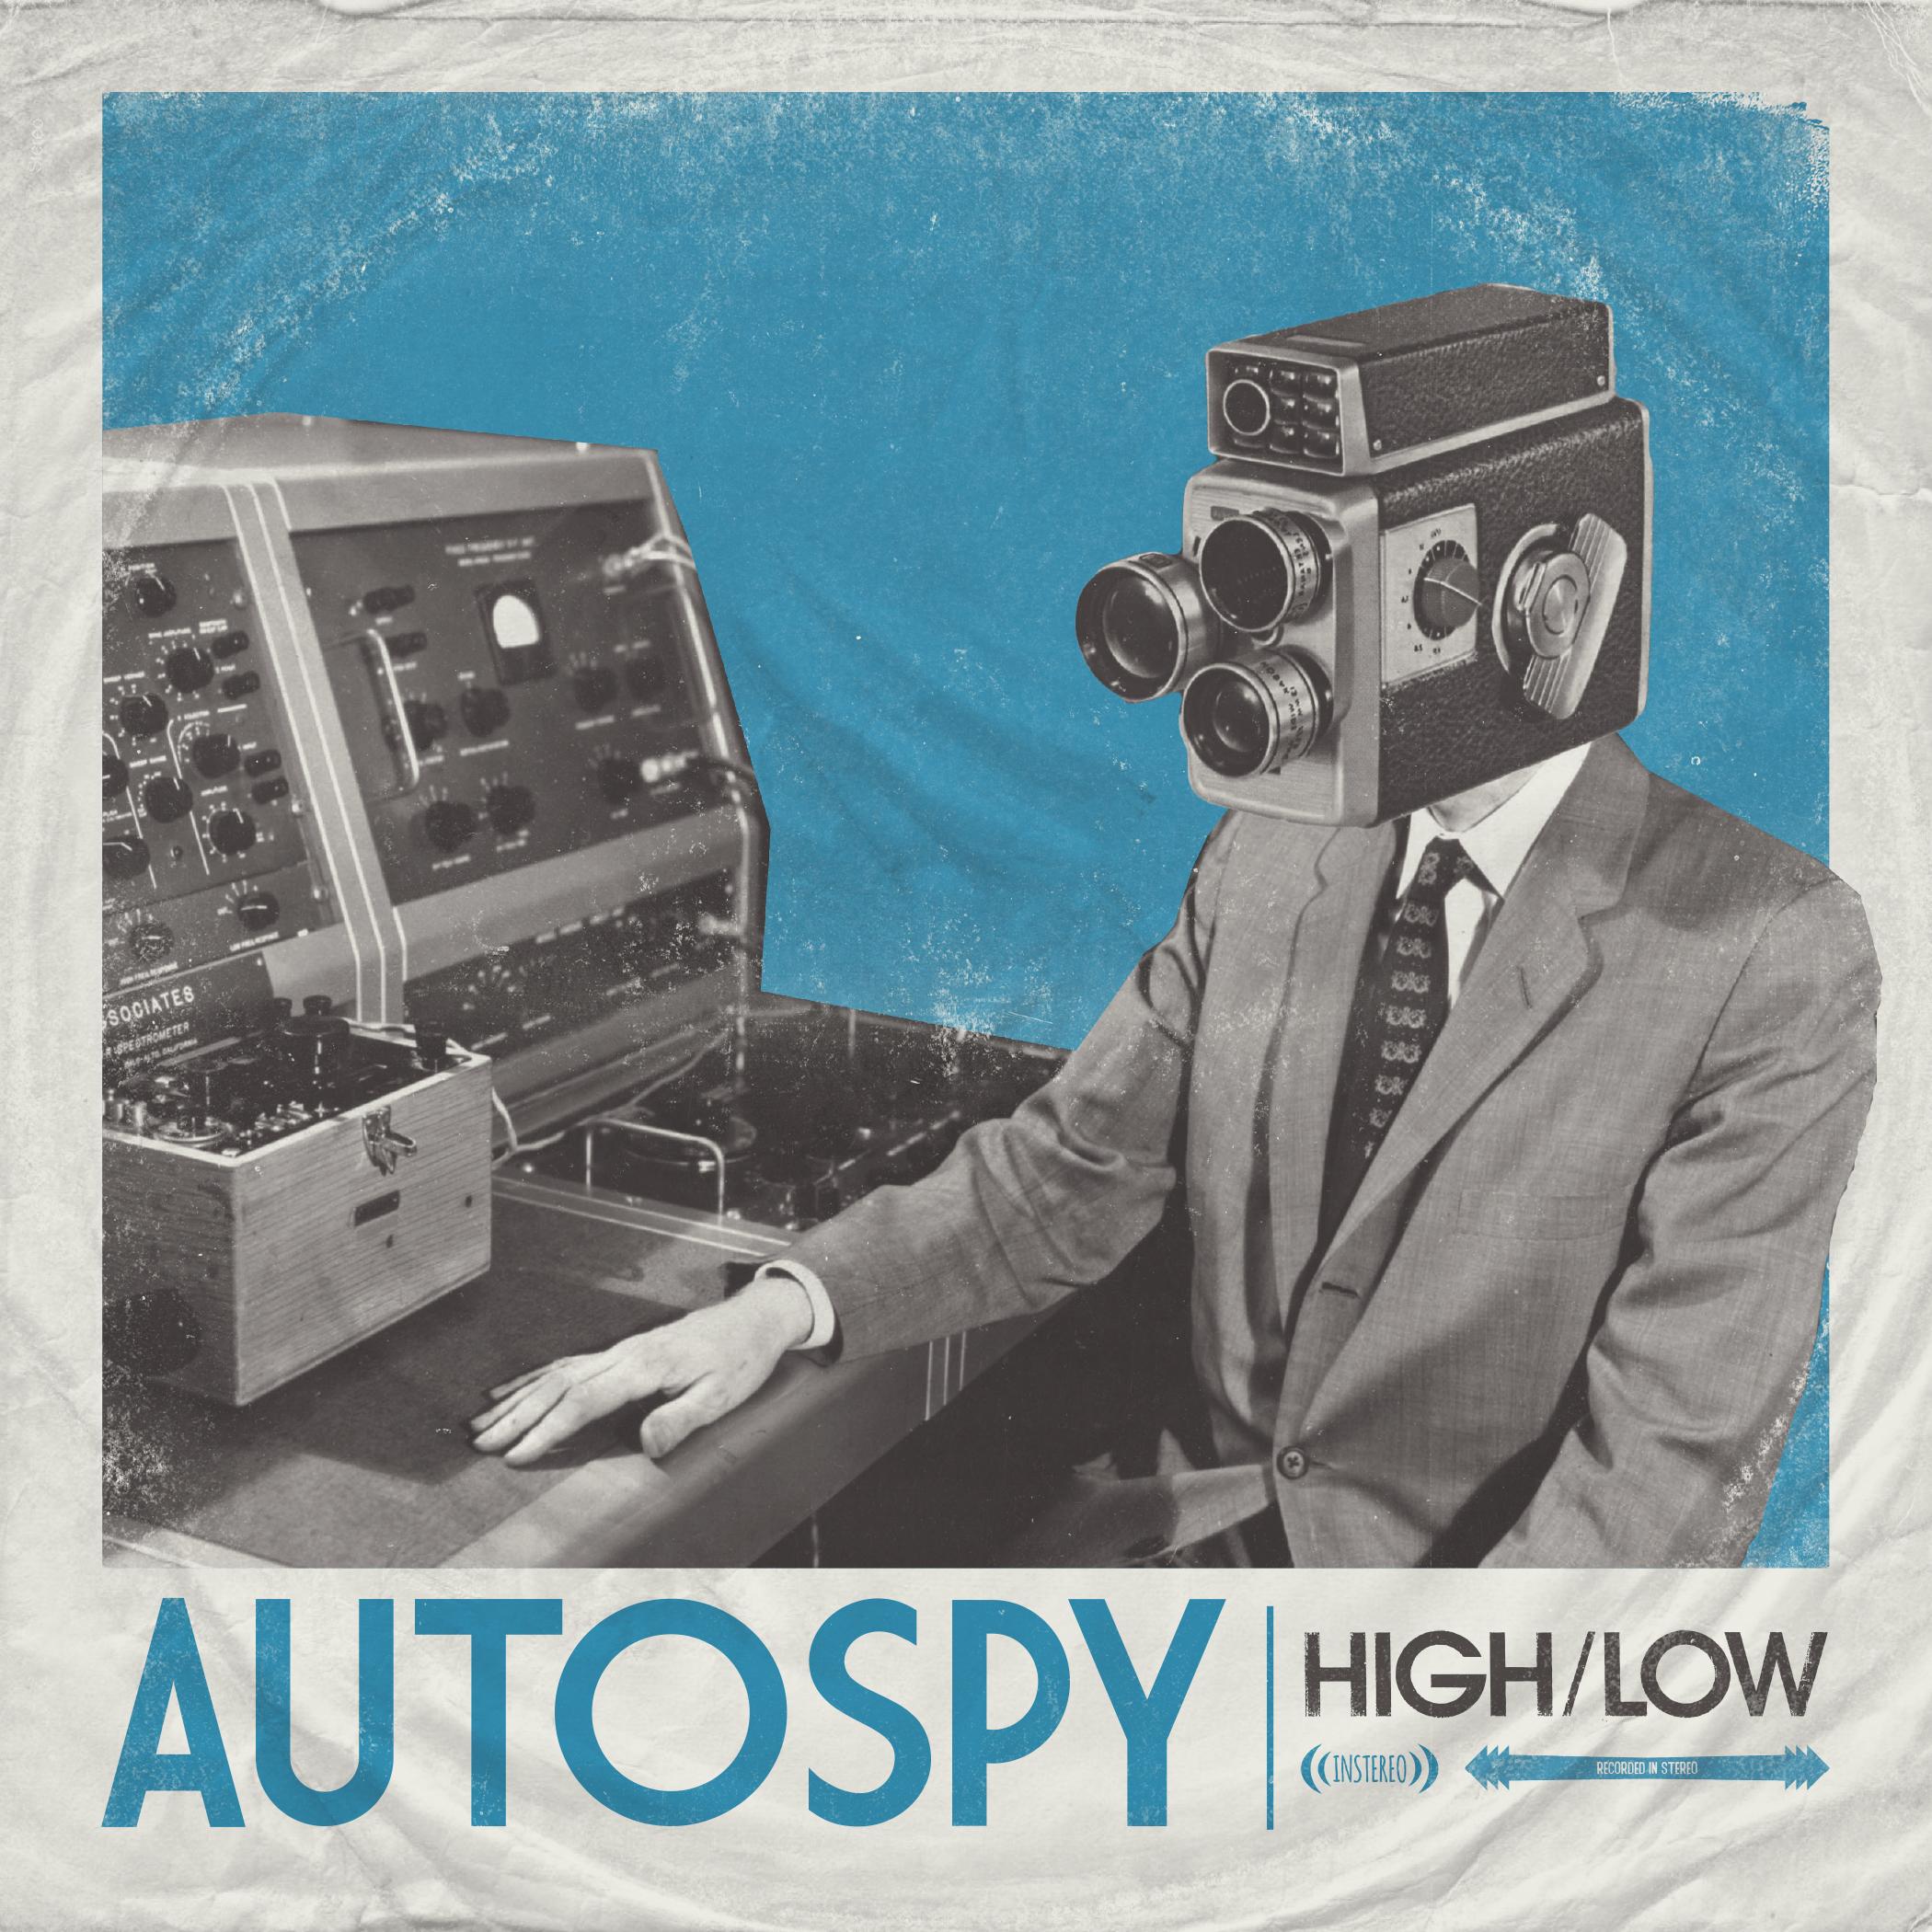 HIGH/LOW - AUTOSPY